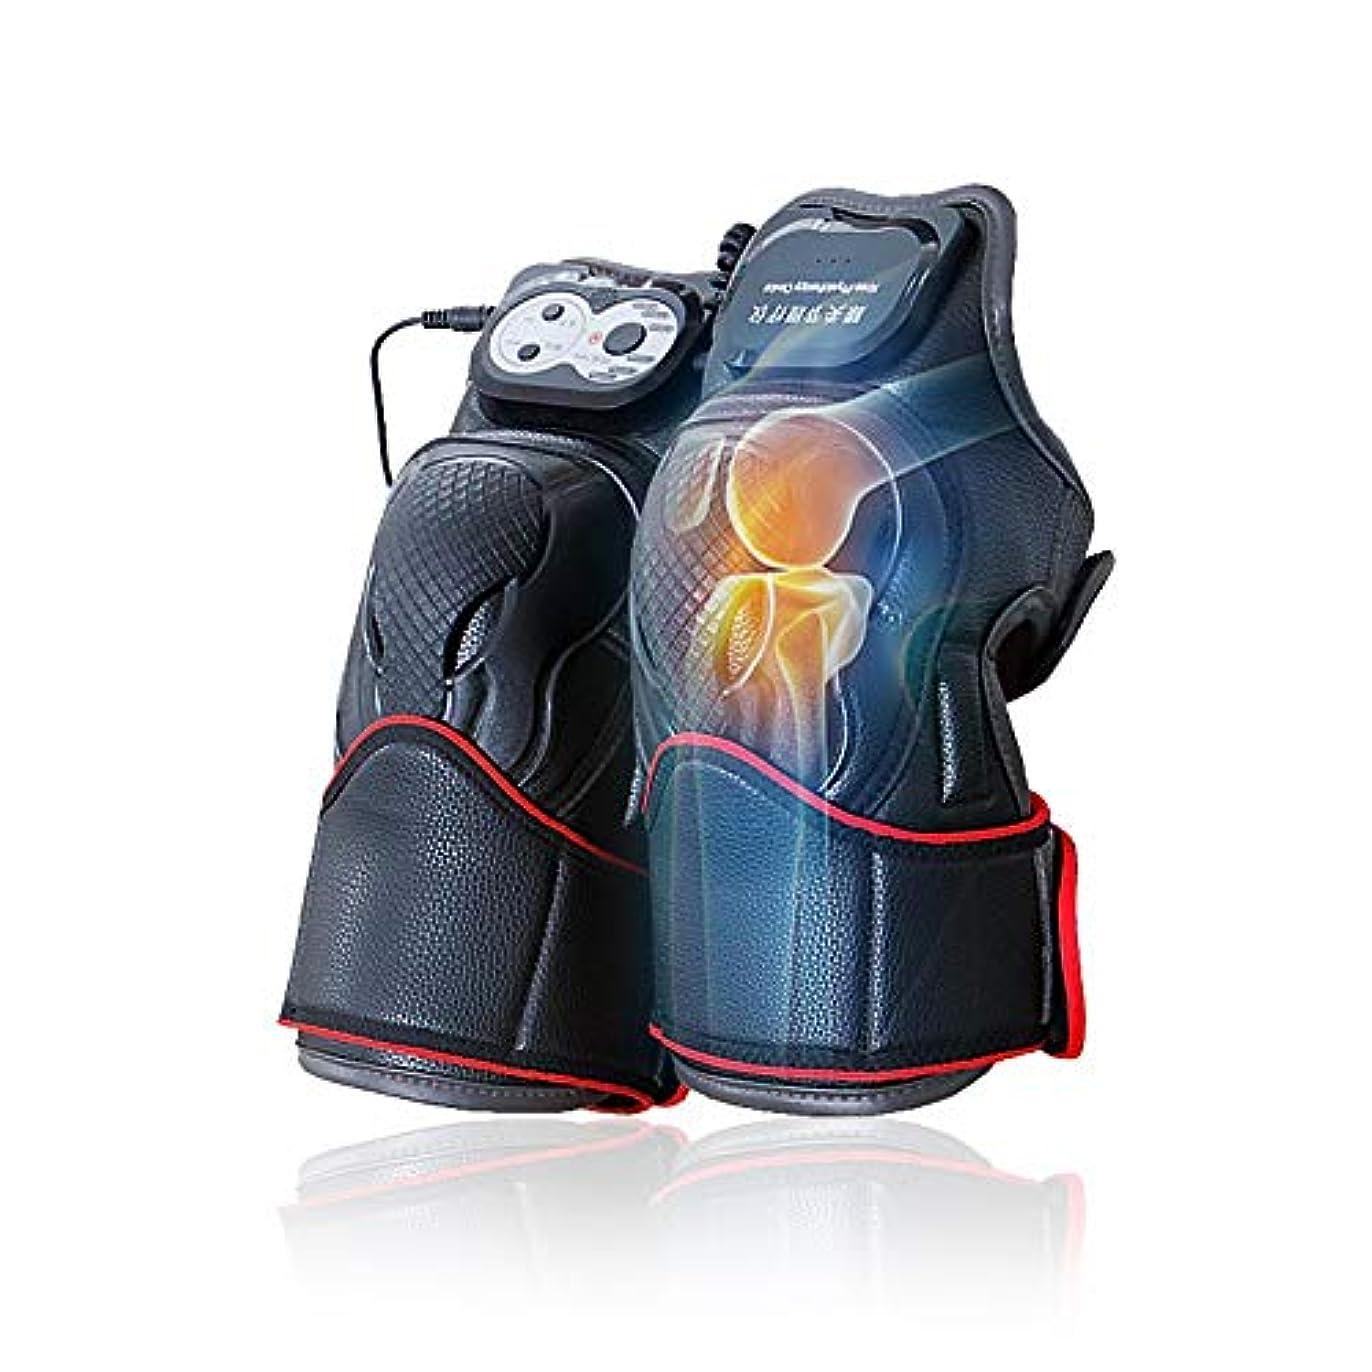 余分なミュウミュウ優越マッサージ器 マッサージ ひざ マッサージャー ヒーター マッサージ機 振動 レッグマッサージャー 通気性 フットマッサージャー 赤外線療法 膝サポーター ストレス解消(二枚入り)